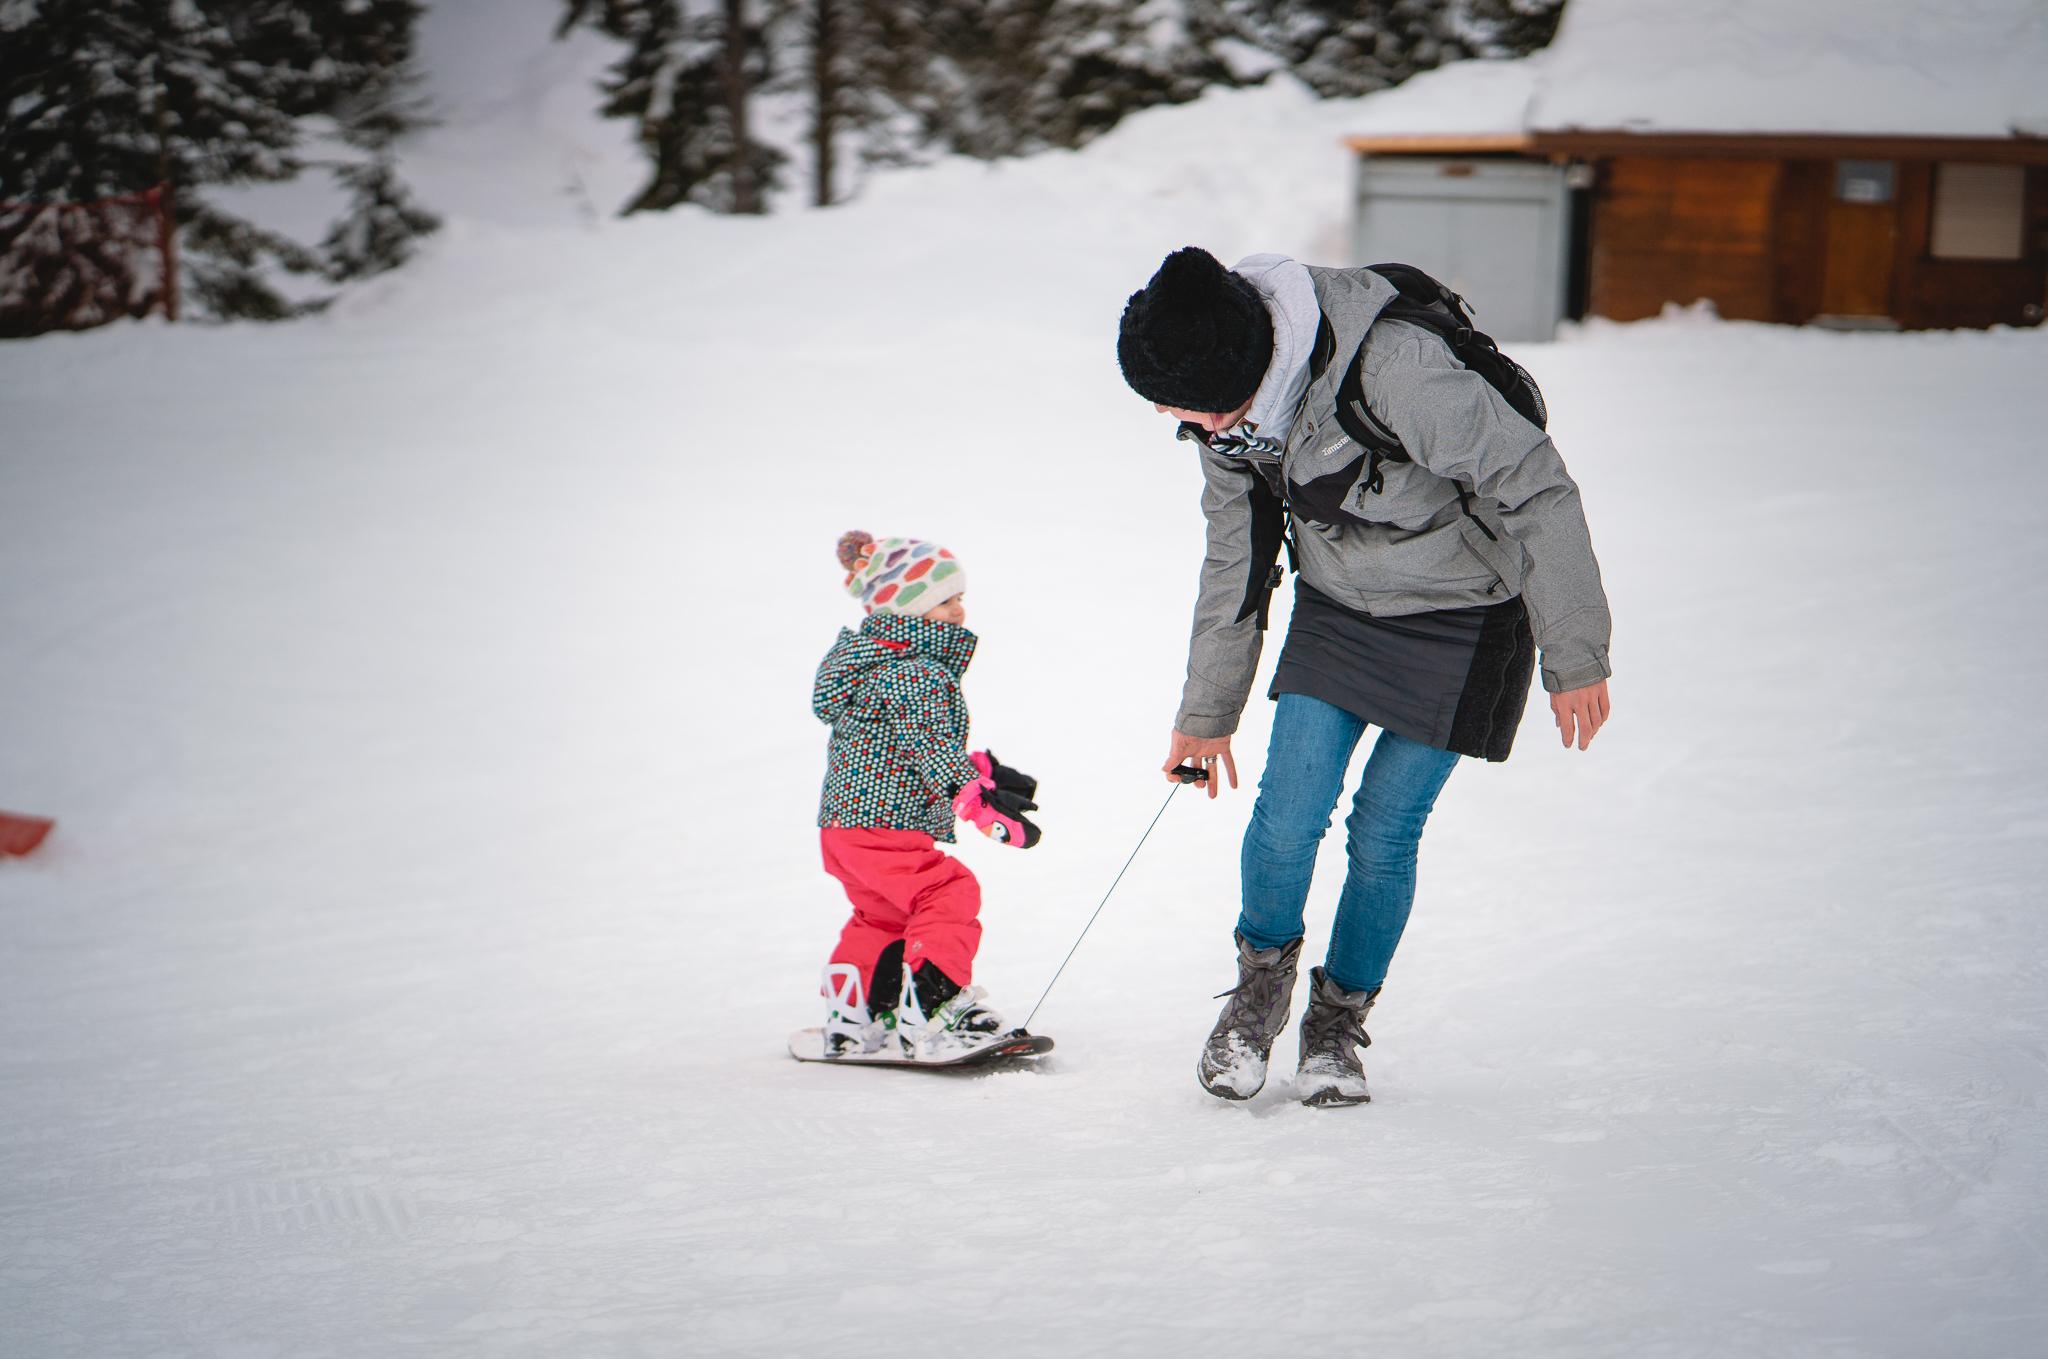 2019-01-27_Kidsday-Damüls-155.jpg